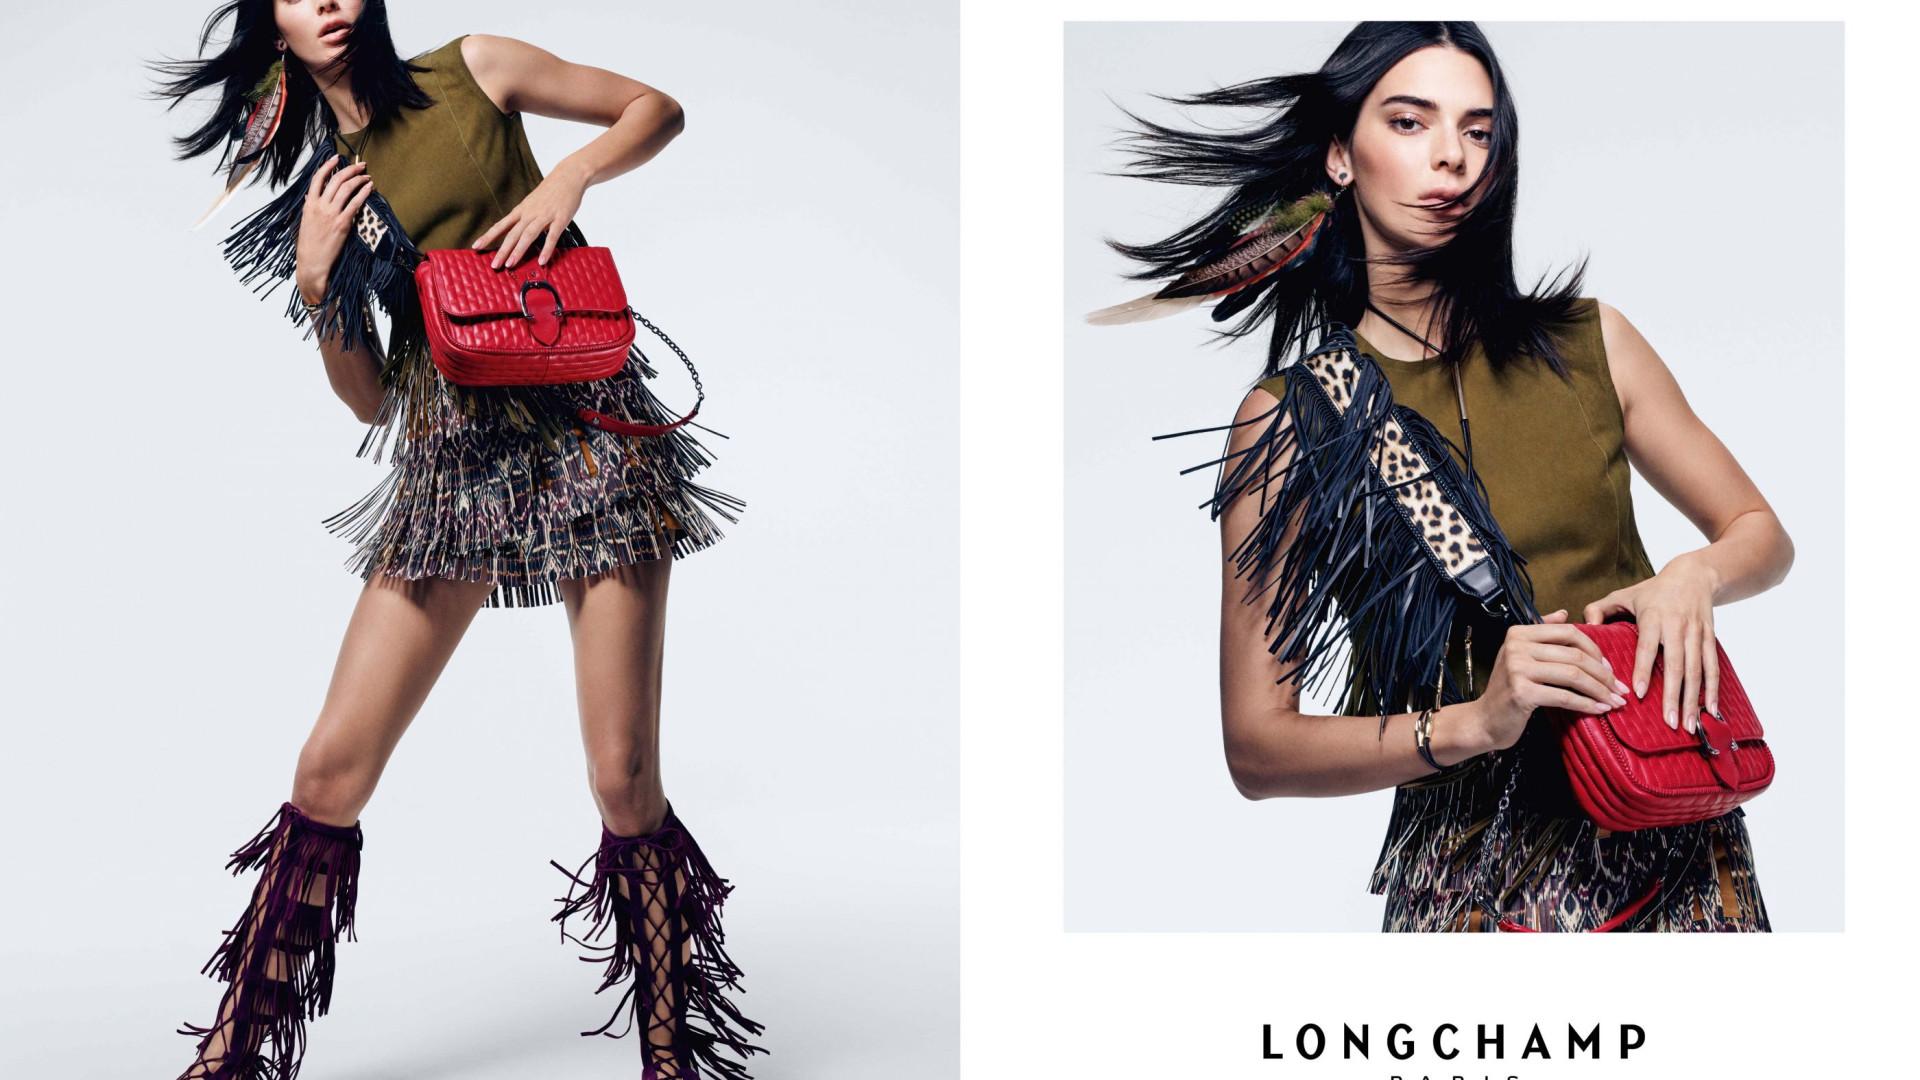 Kendall Jenner e o glamour dos anos 70 na nova campanha da Longchamp